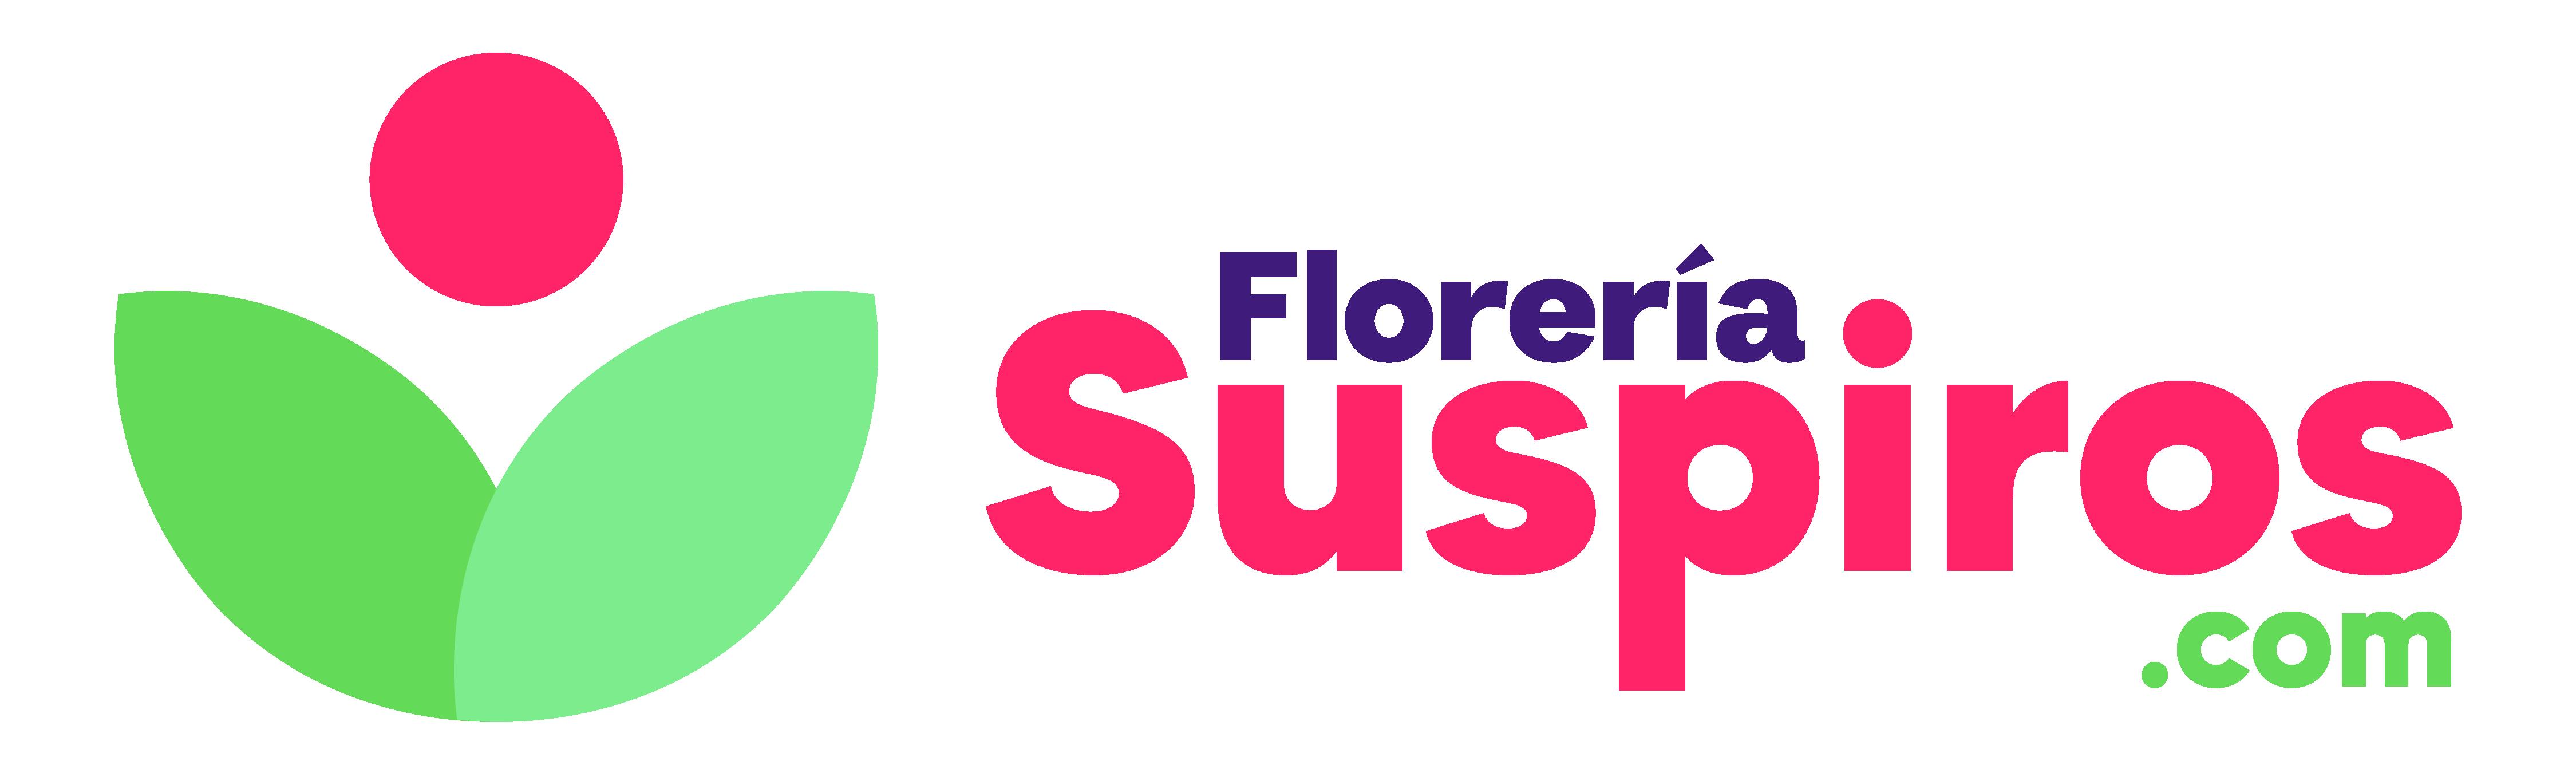 Florería Suspiros - Envío de Flores a Domicilio